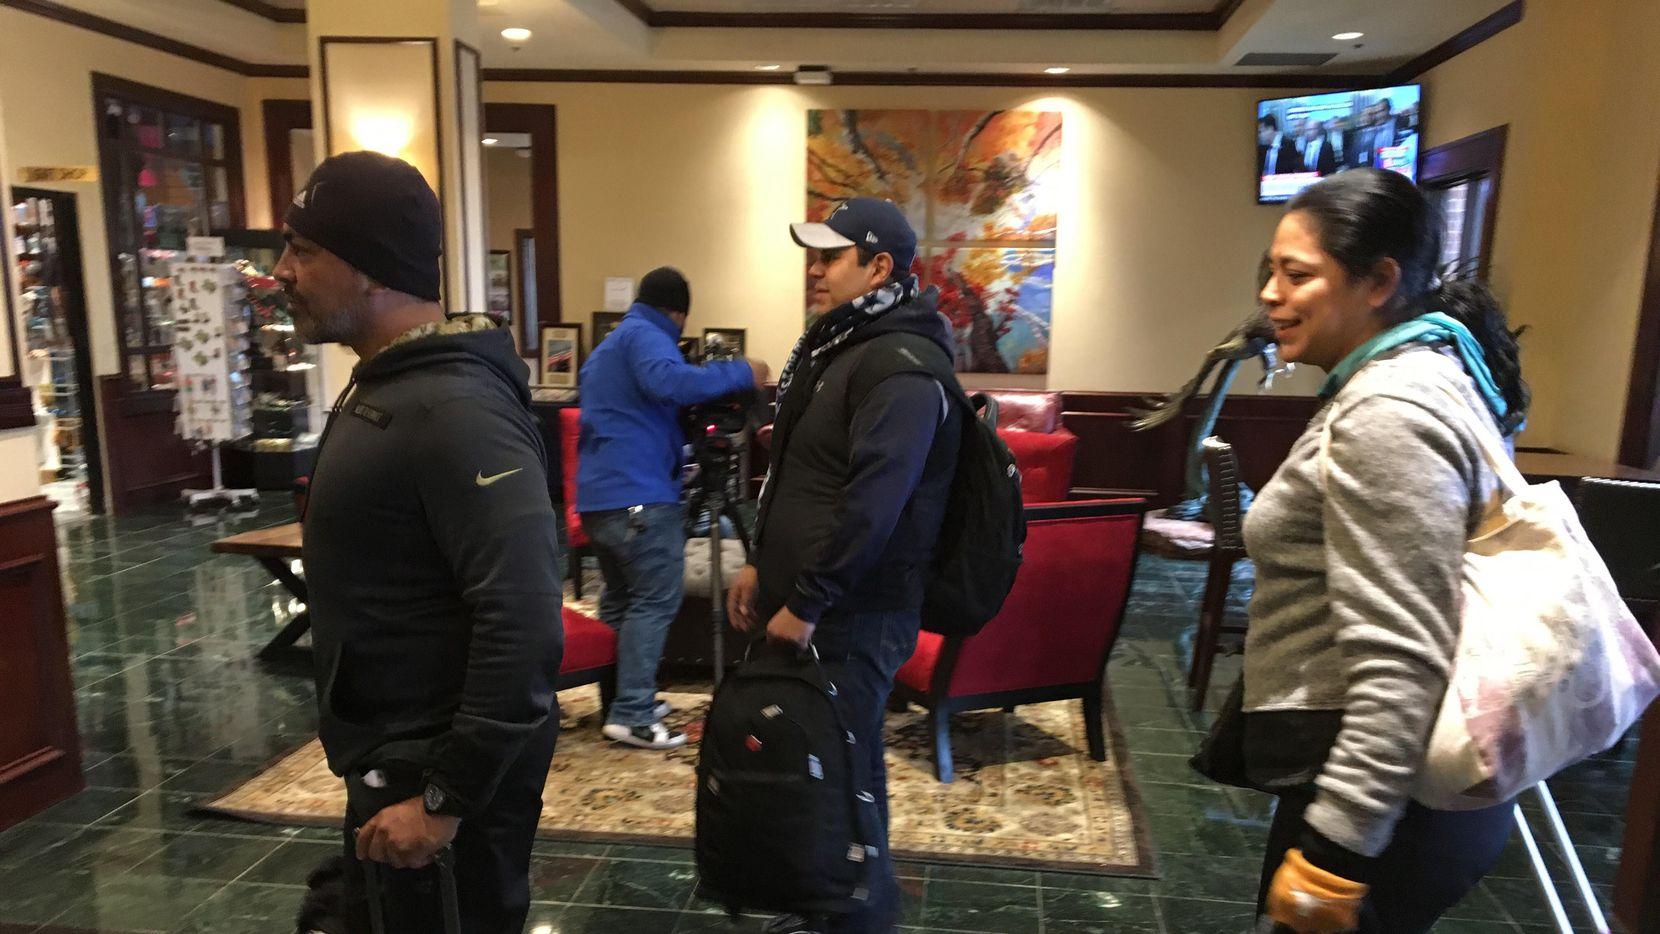 De izquerda a derecha: Edgar García, 45 años, Enrique Almanza, de 39, y Catalina Ramírez, de 41, llegando a un hotel en el Metroplex, después de una jornada de 12 horas en autobús, desde México. Foto Javier Giribet/Especial para Al Día